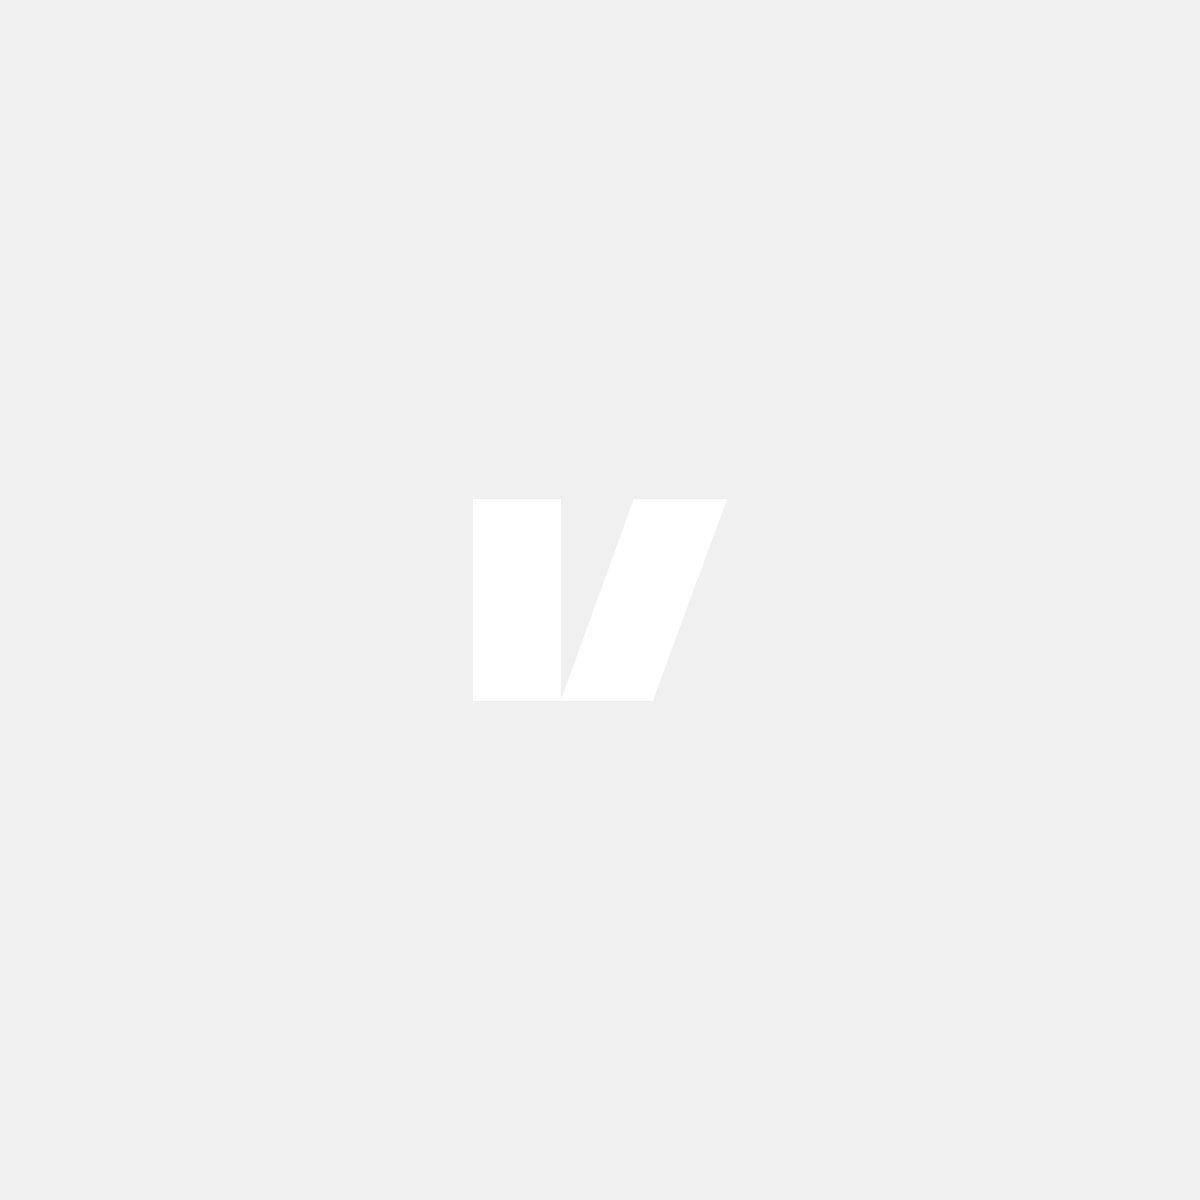 Torkarmotor bakruta till Volvo V70, XC70, XC60, 08-